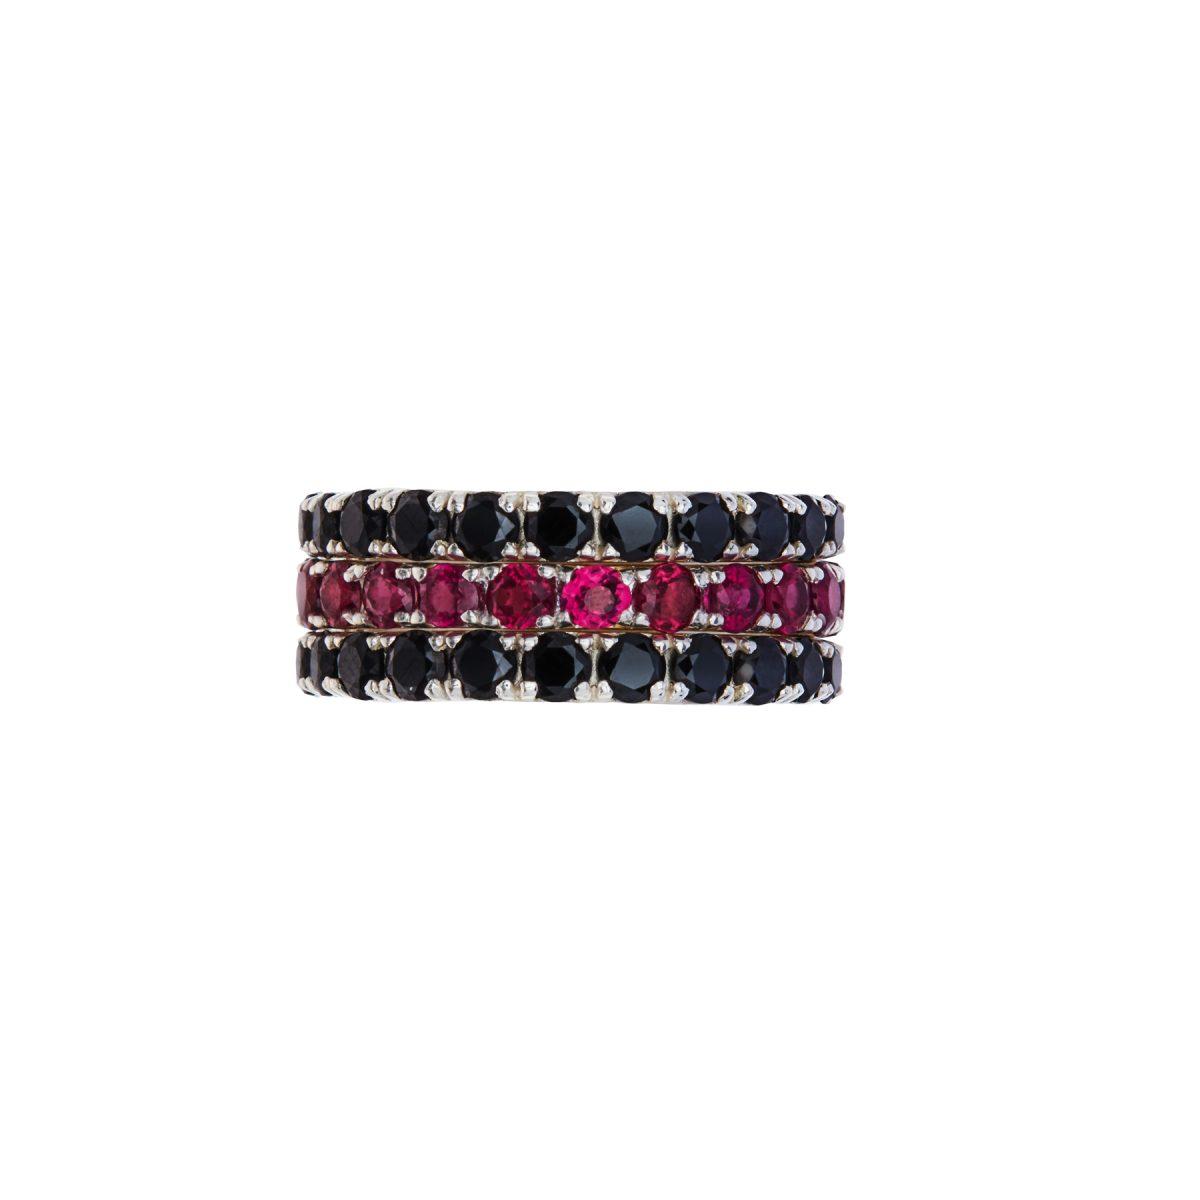 Black Spinel full eternity ring, Rhodolite Garnet full eternity ring.